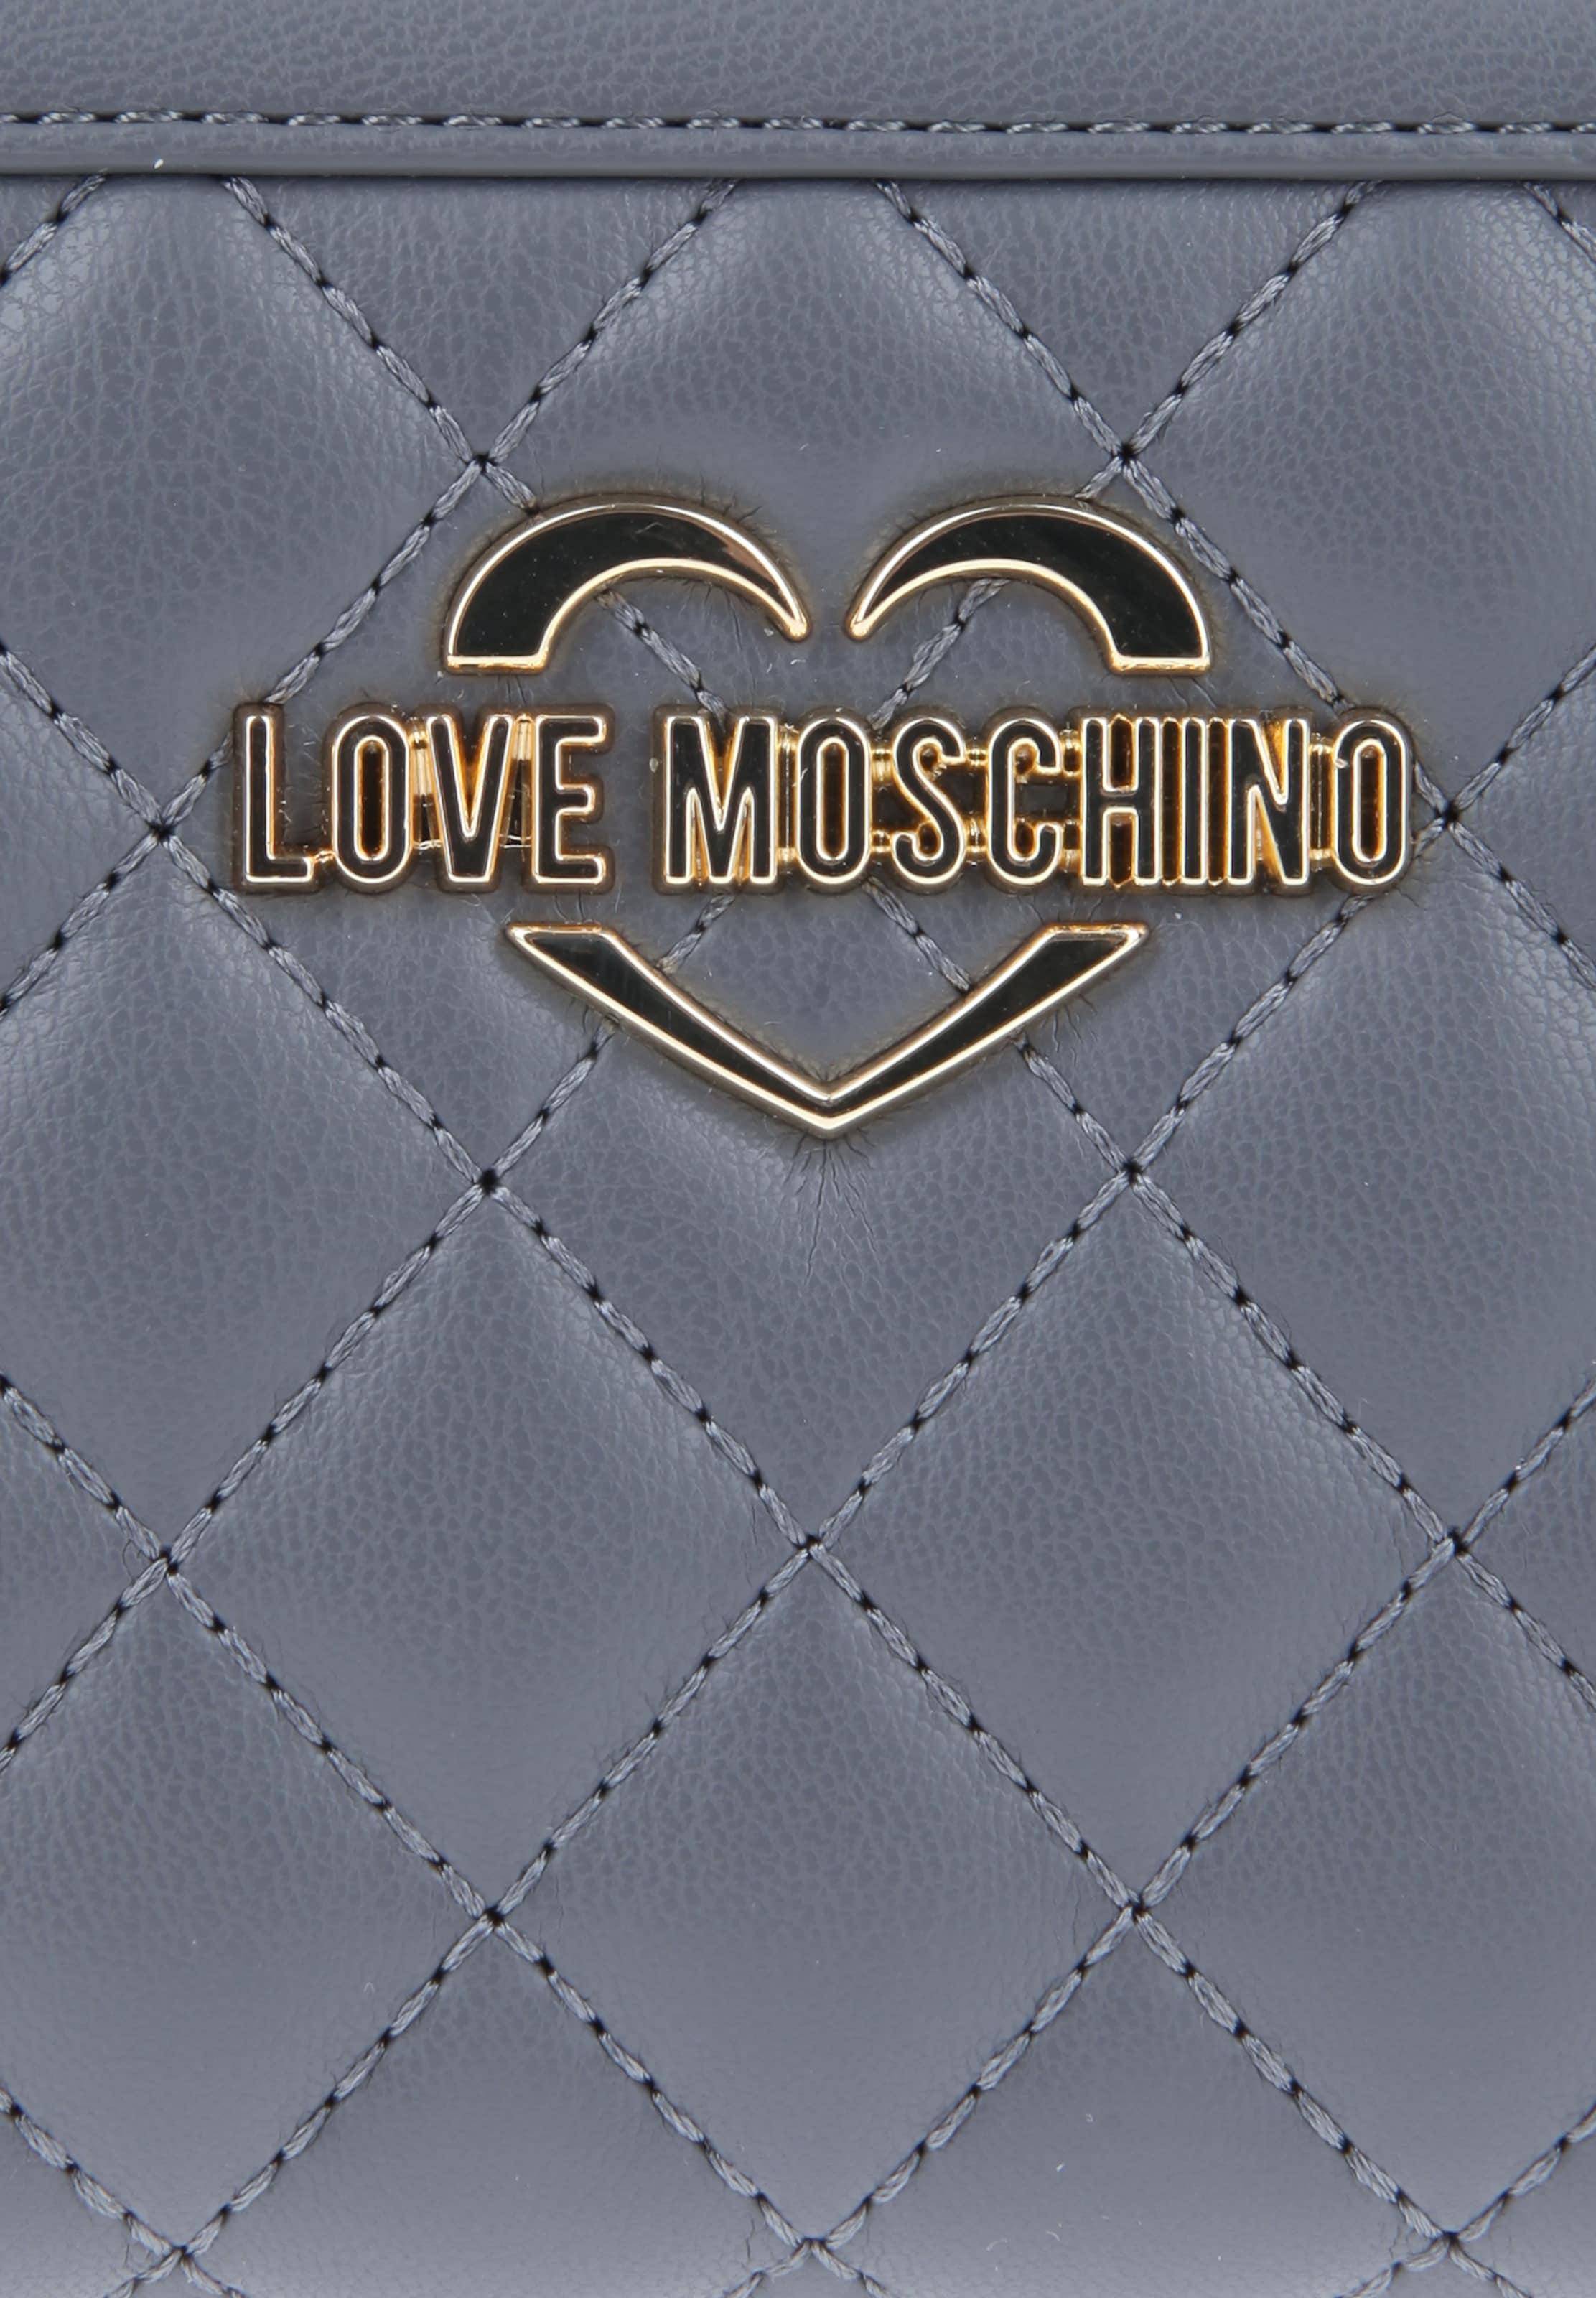 Love Moschino Geldbörse PORTAFOGLI QUILTED In Deutschland Billig sYsNaMvrth